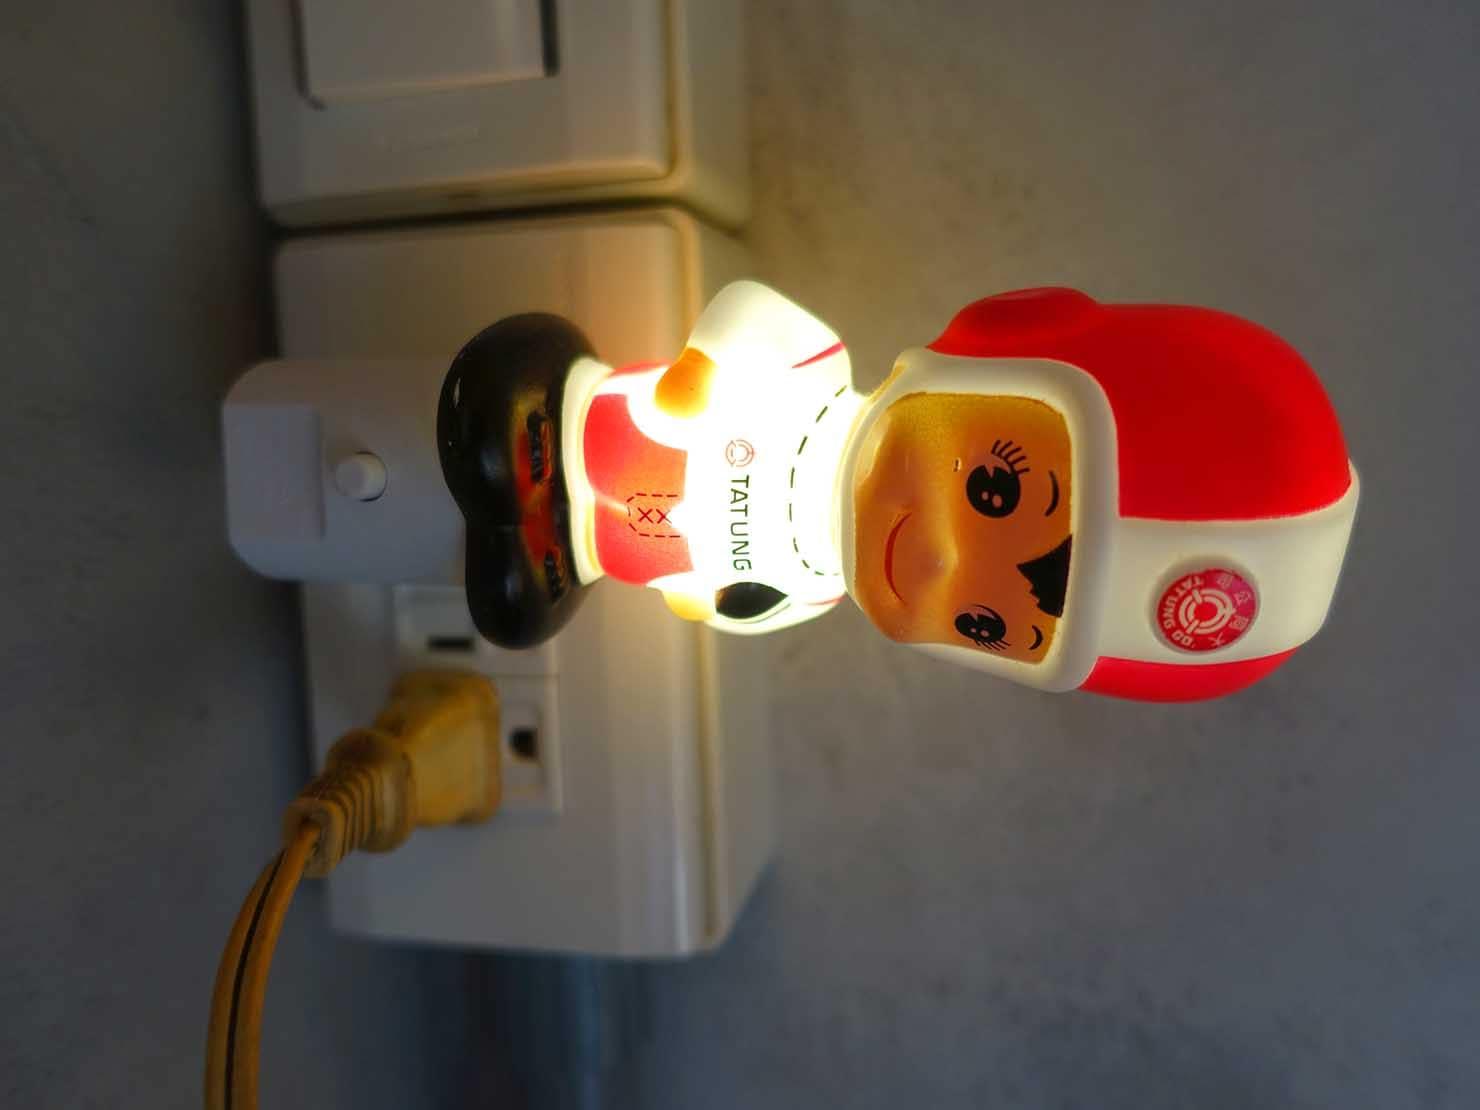 台南のおすすめ古民家ゲストハウス「永福97.1」アティックキャビン2Fに刺さった光る人形